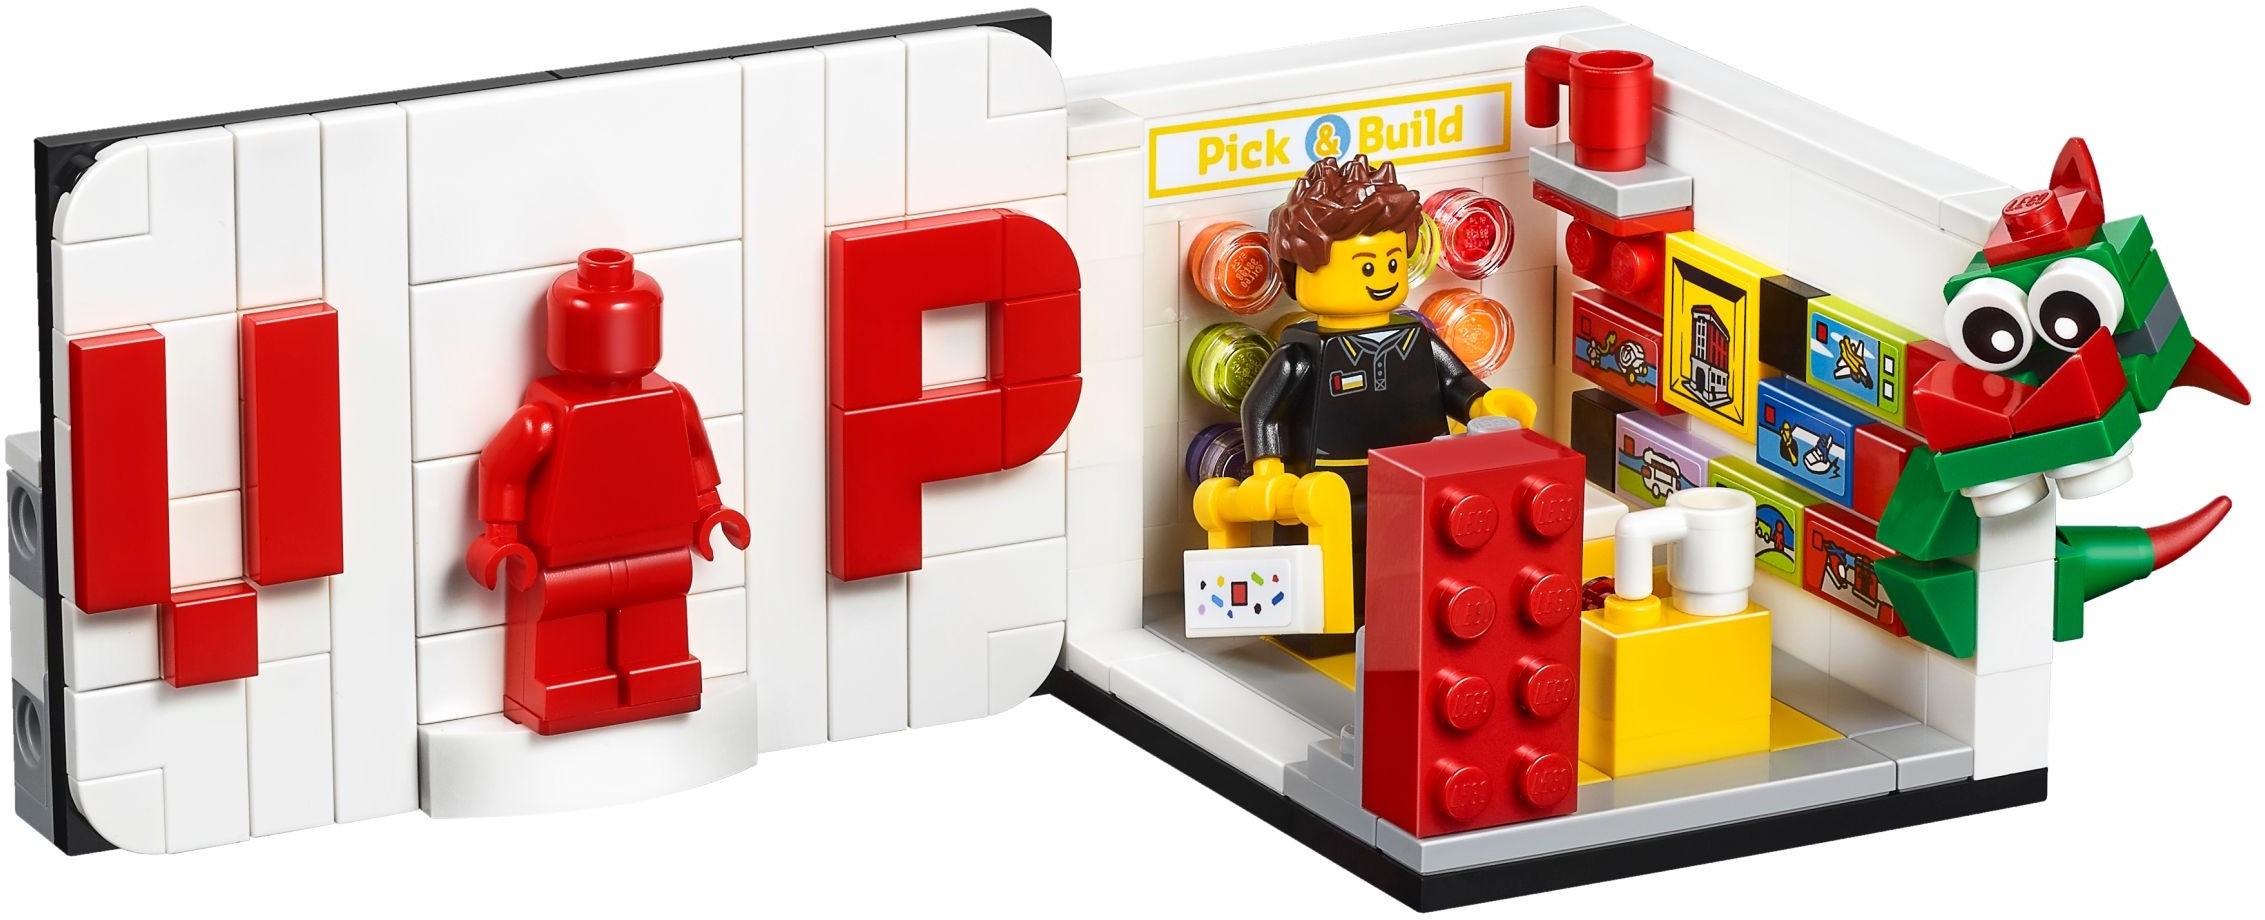 https://images.brickset.com/sets/large/40178-1.jpg?201709260948